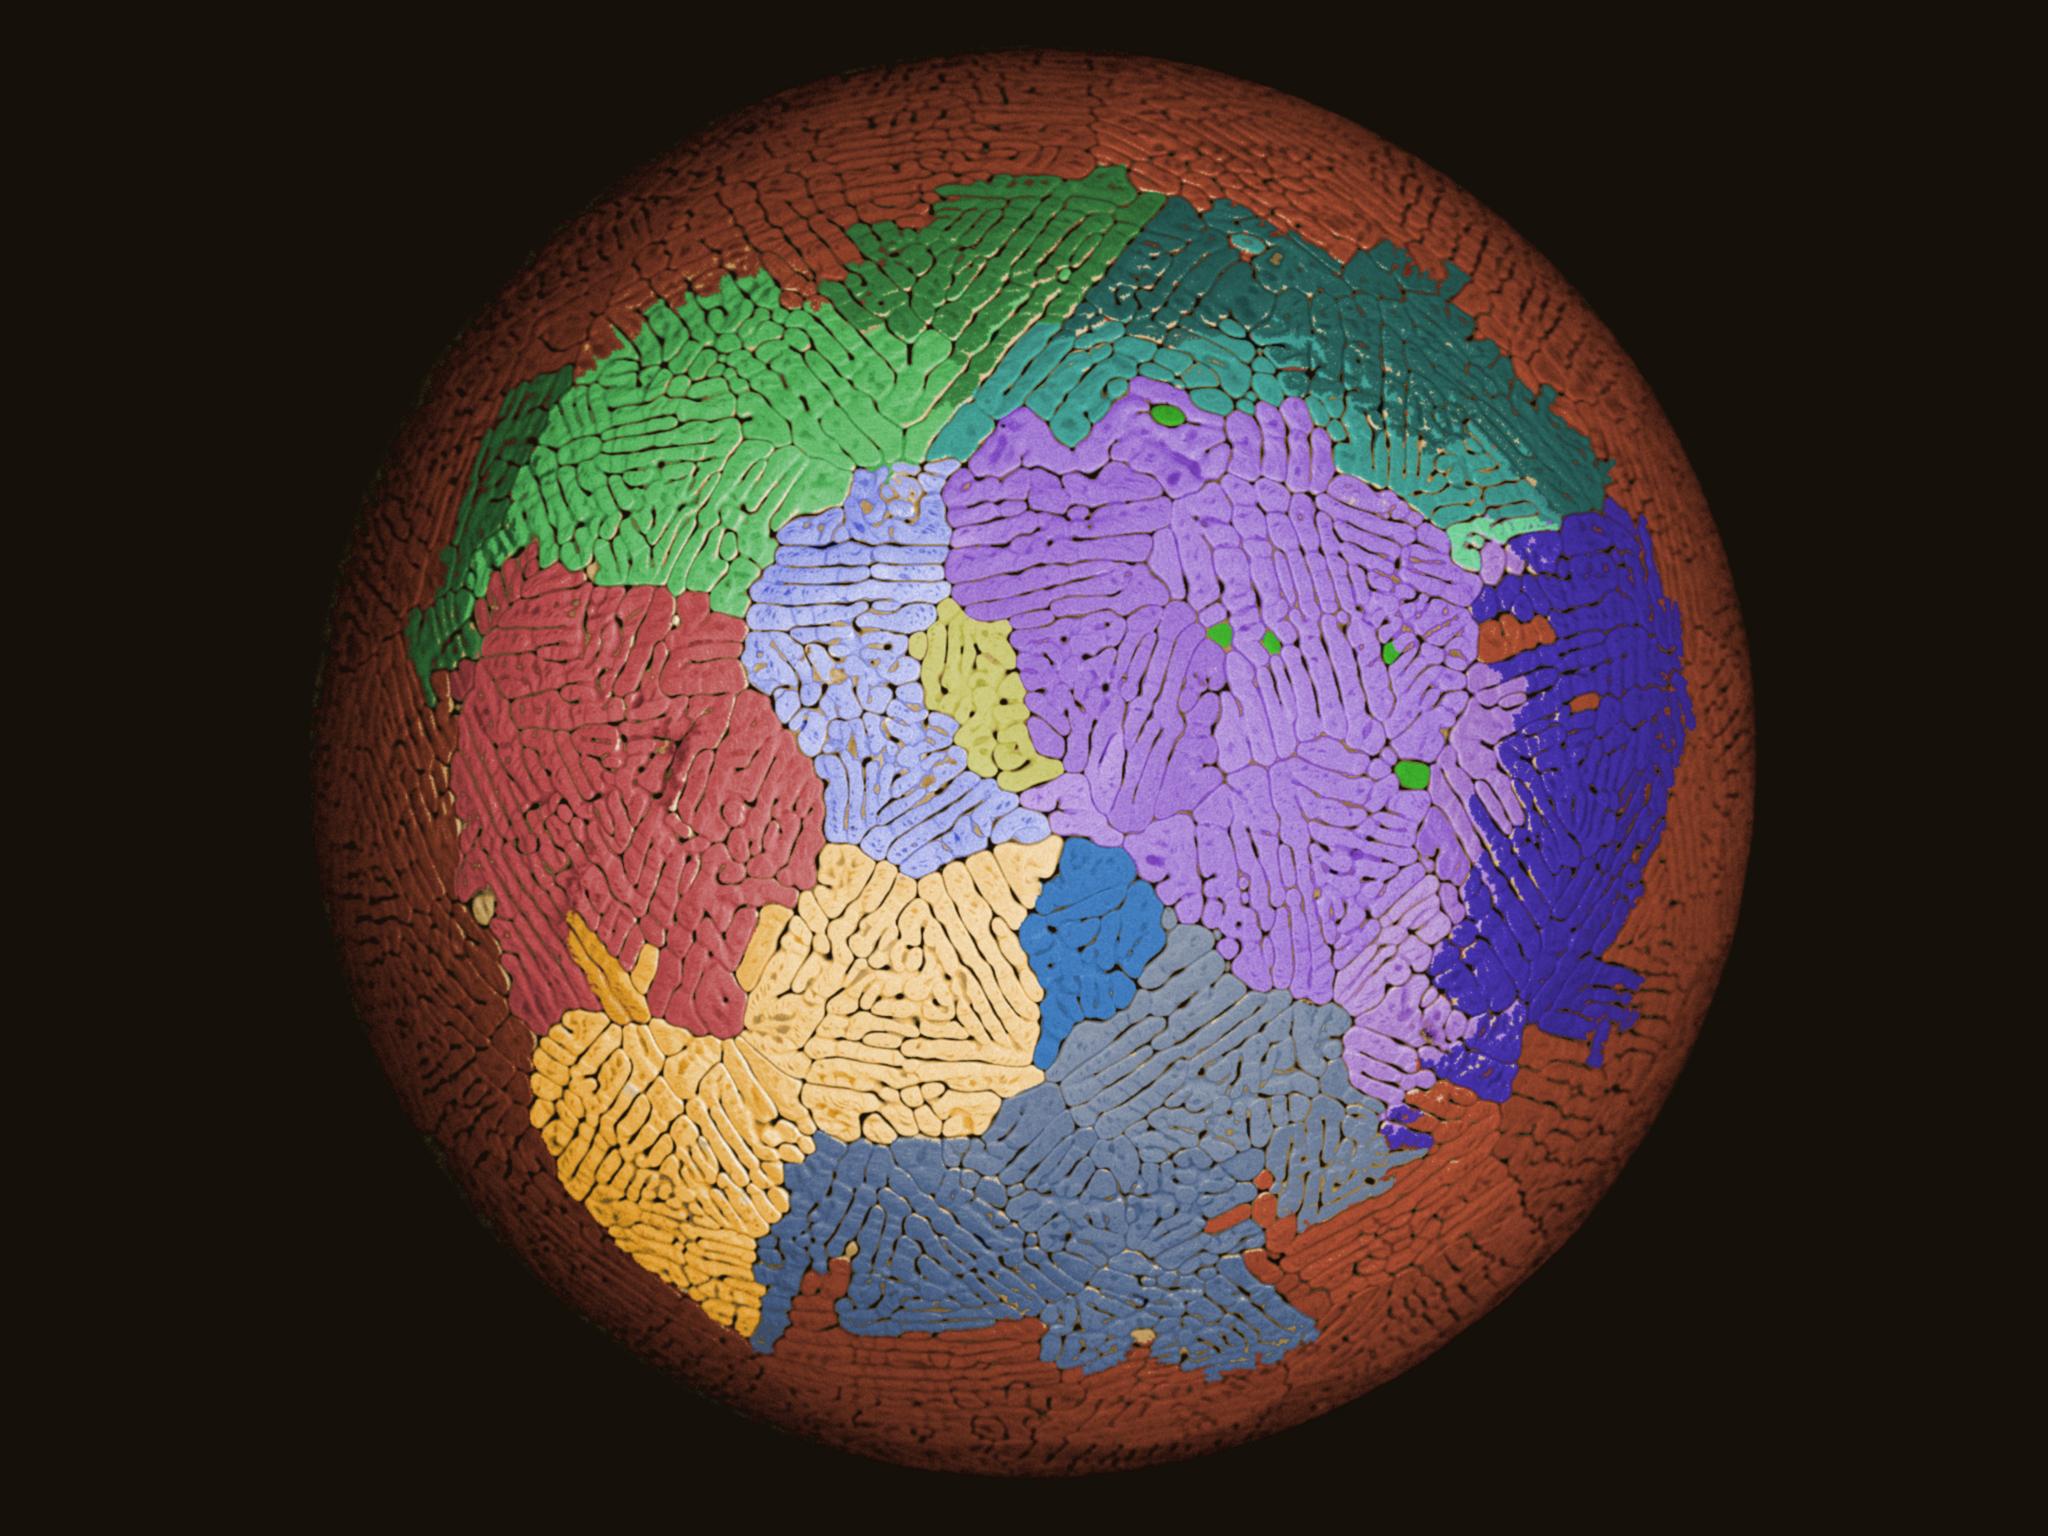 Взгляд изнутри: мир вокруг нас – 4